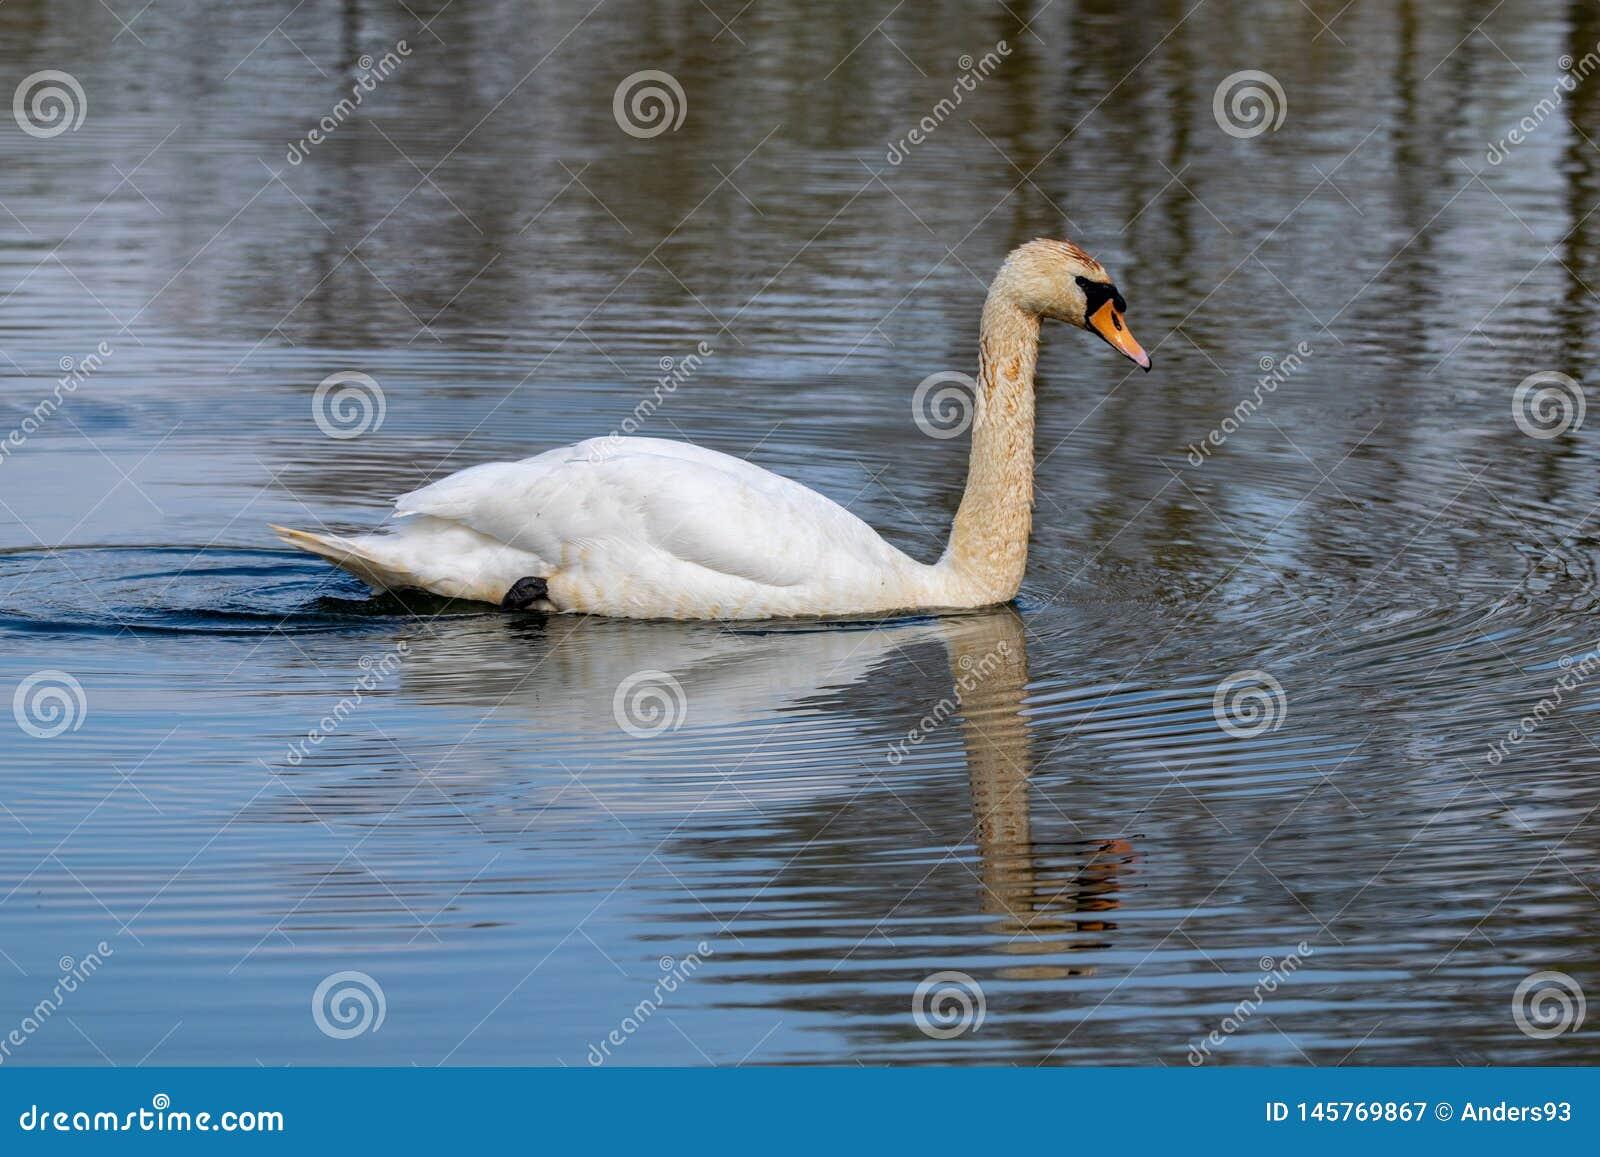 Olor adulto do cygnus da cisne muda com as penas descoloradas do sedimento de perturbação do lago durante a alimentação